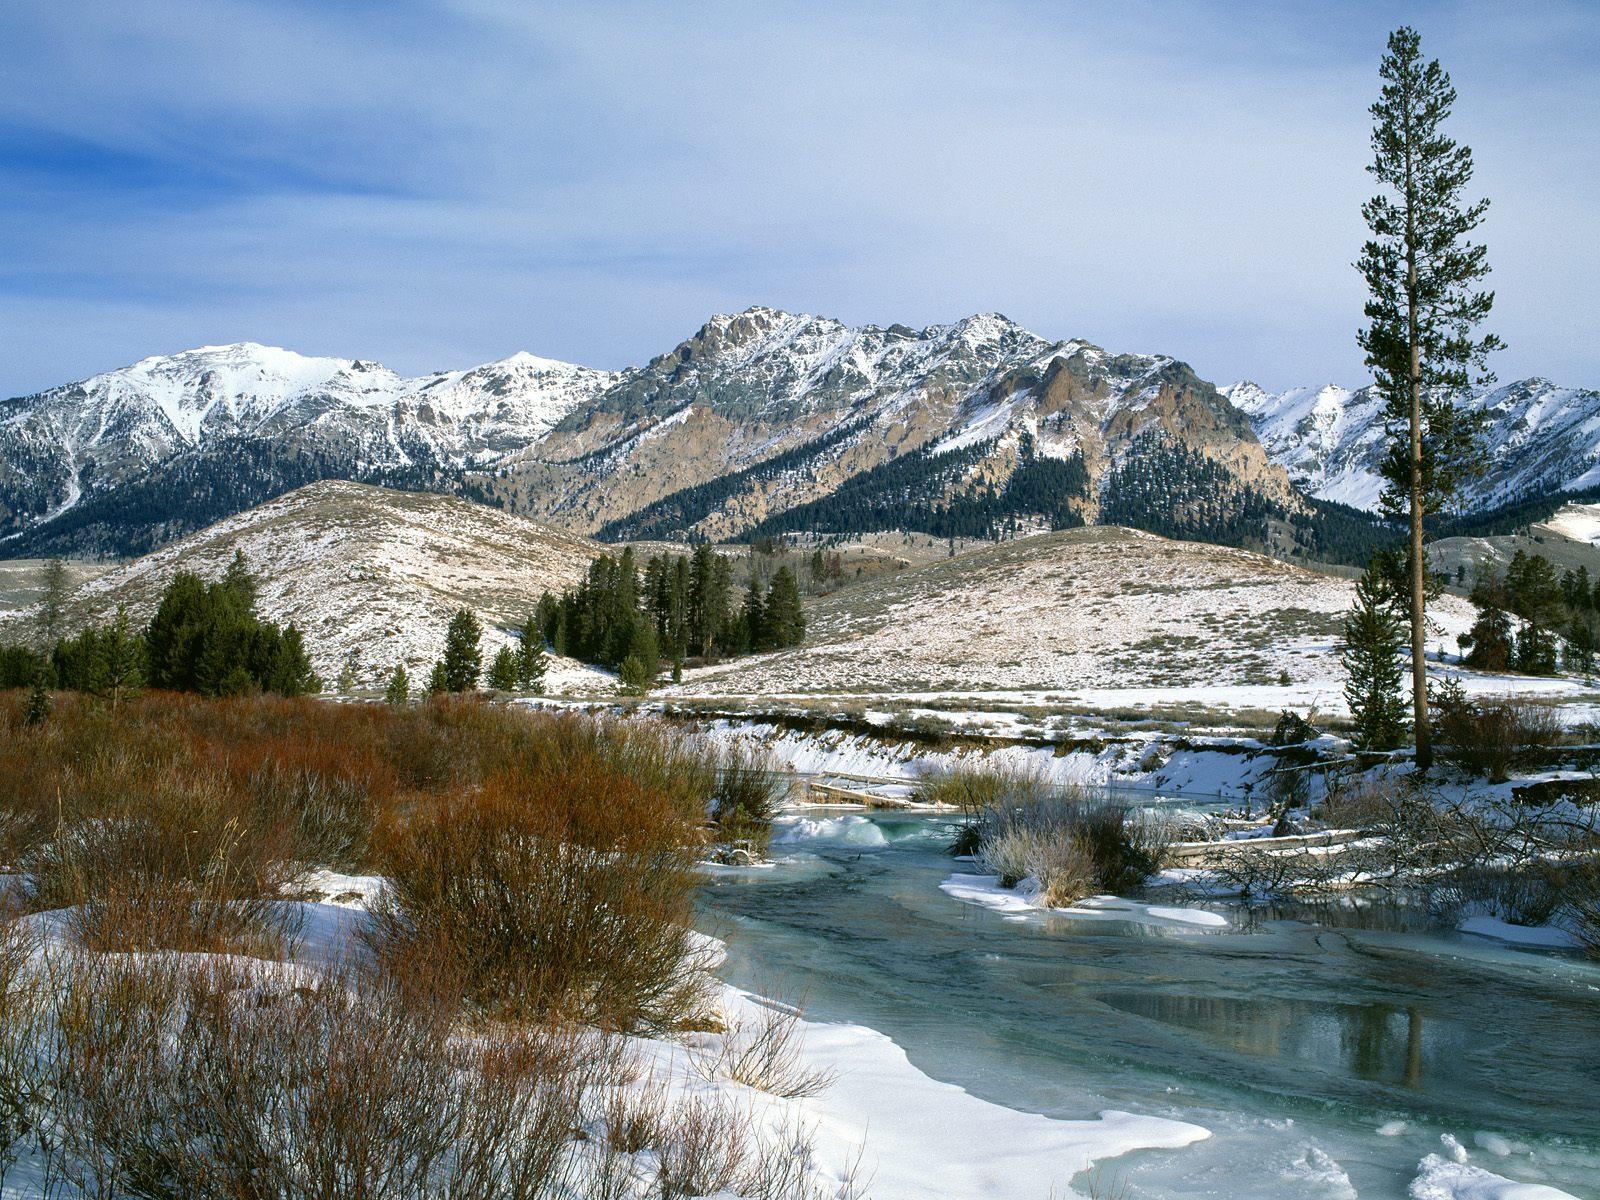 Earth - Winter  Landscape Wallpaper